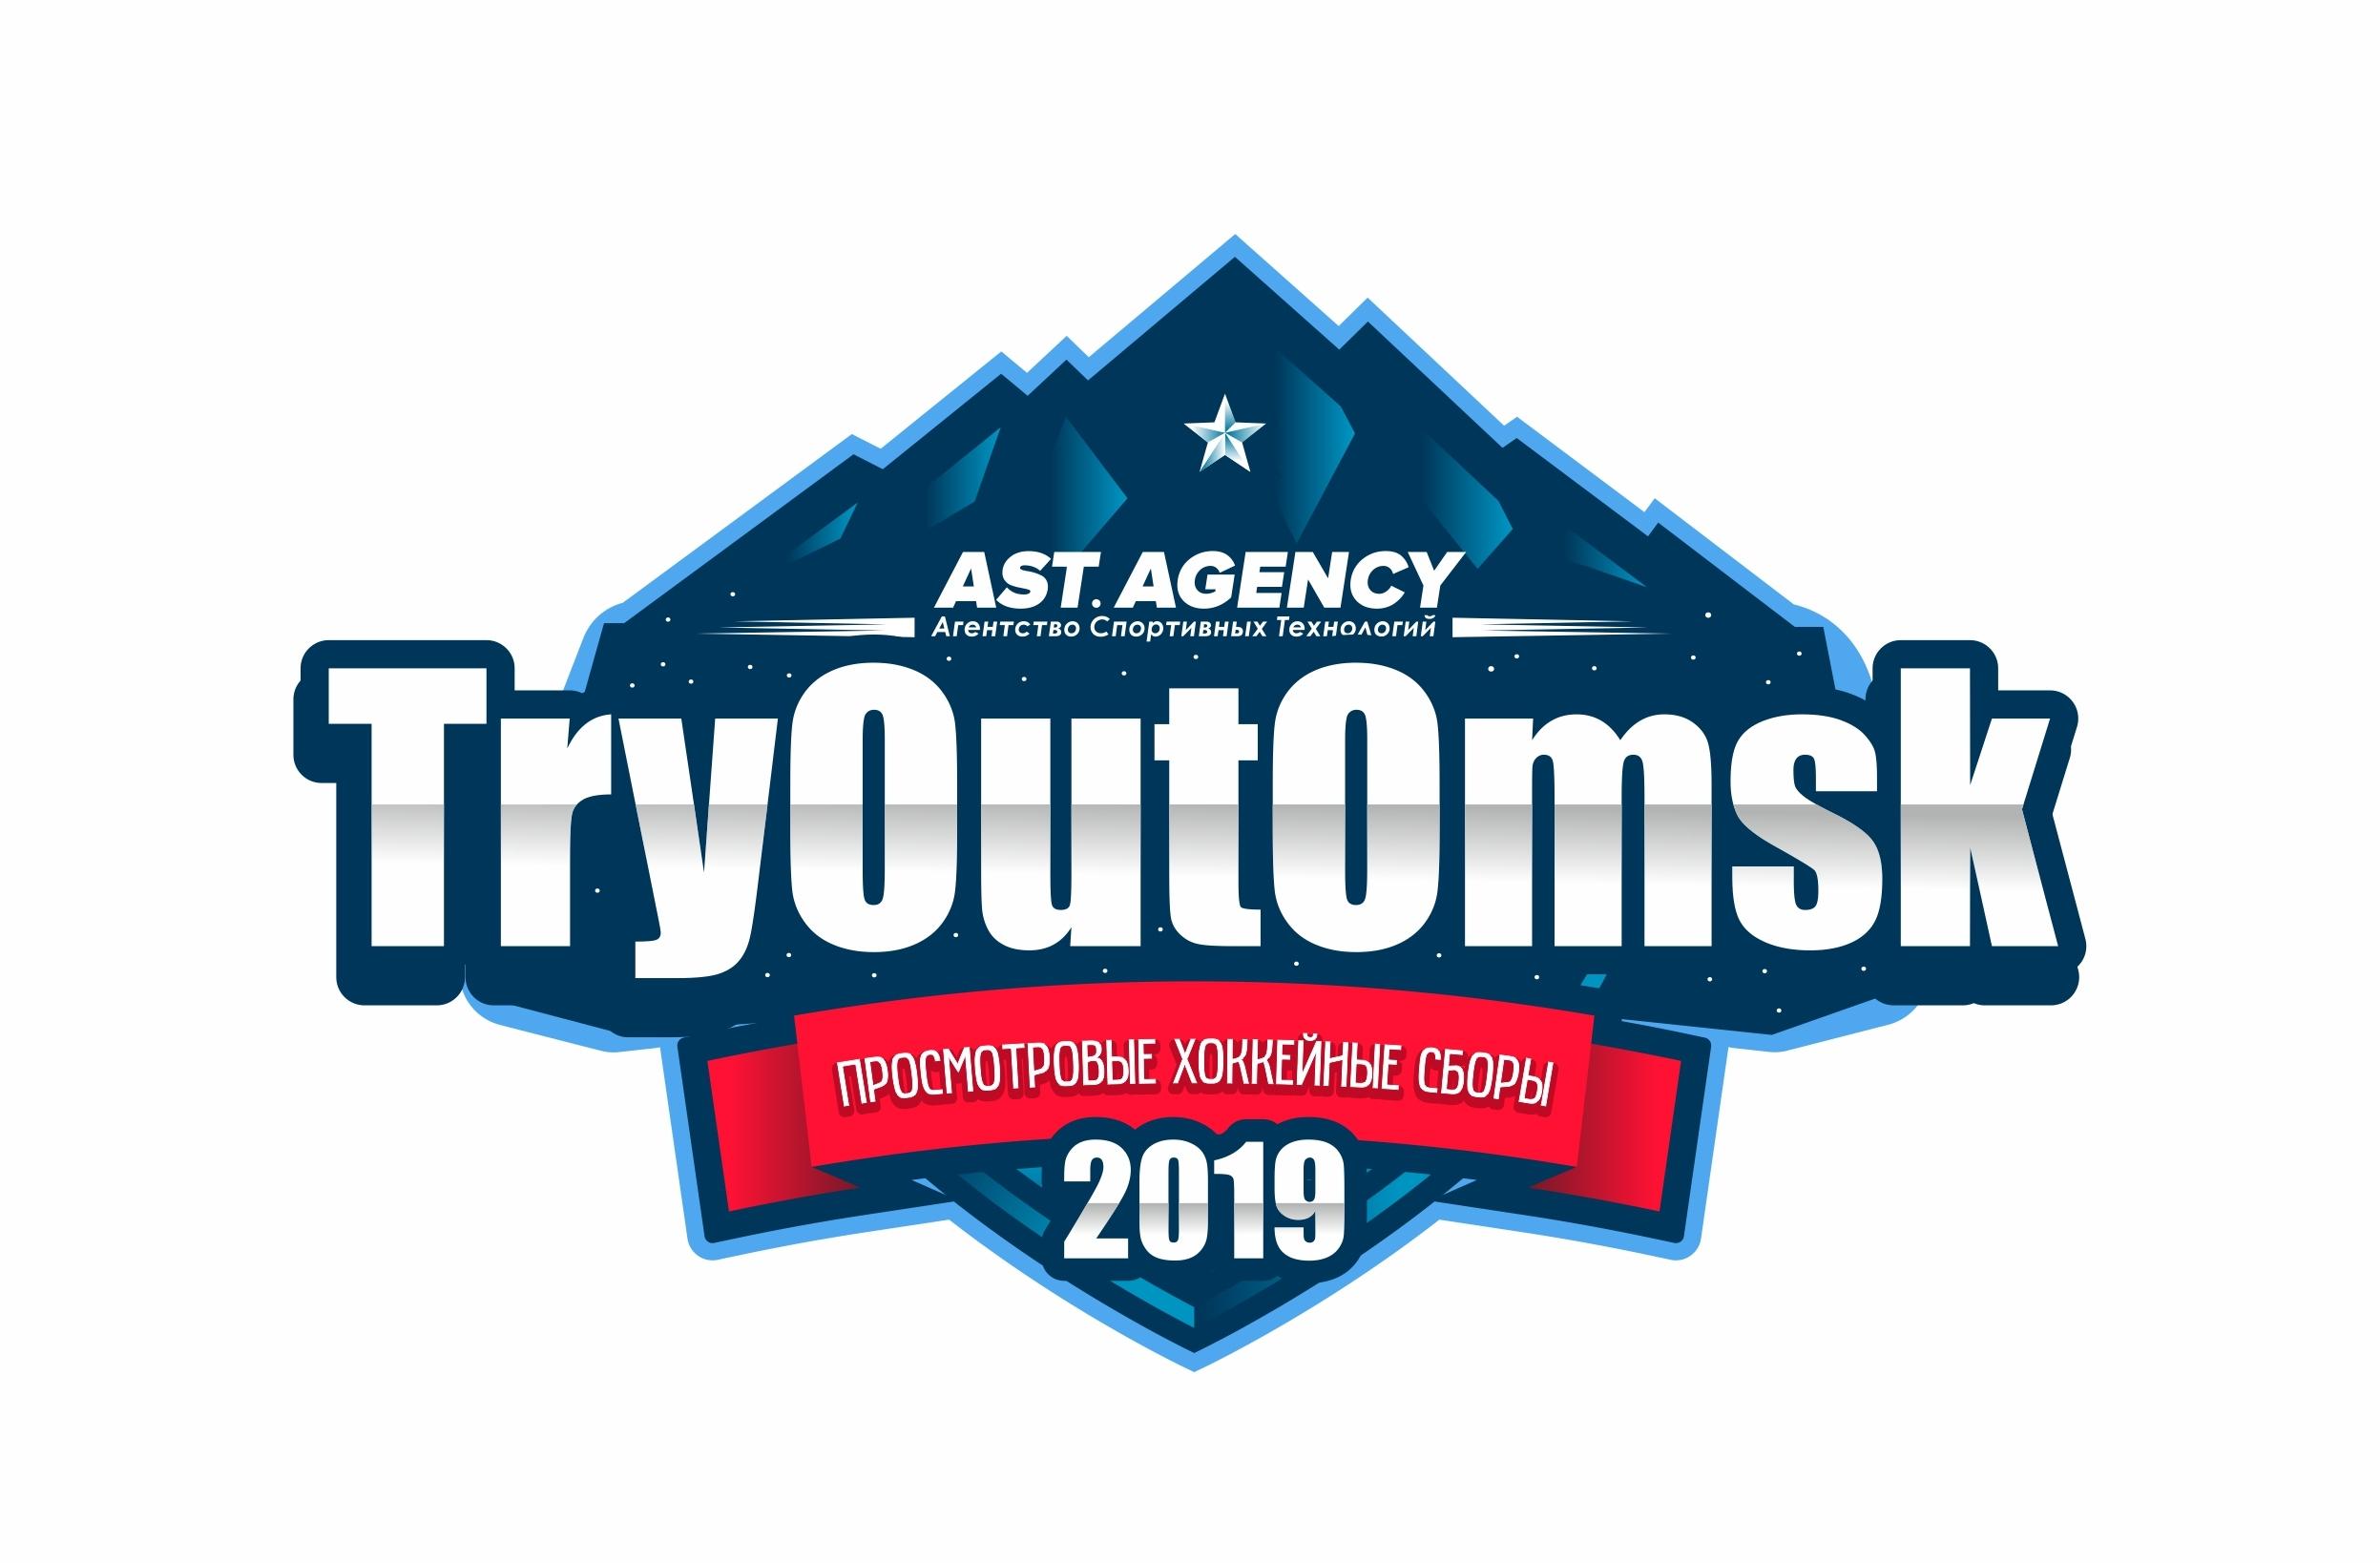 Просмотровые сборы по хоккею для молодёжи «TryOutOmsk-2019»